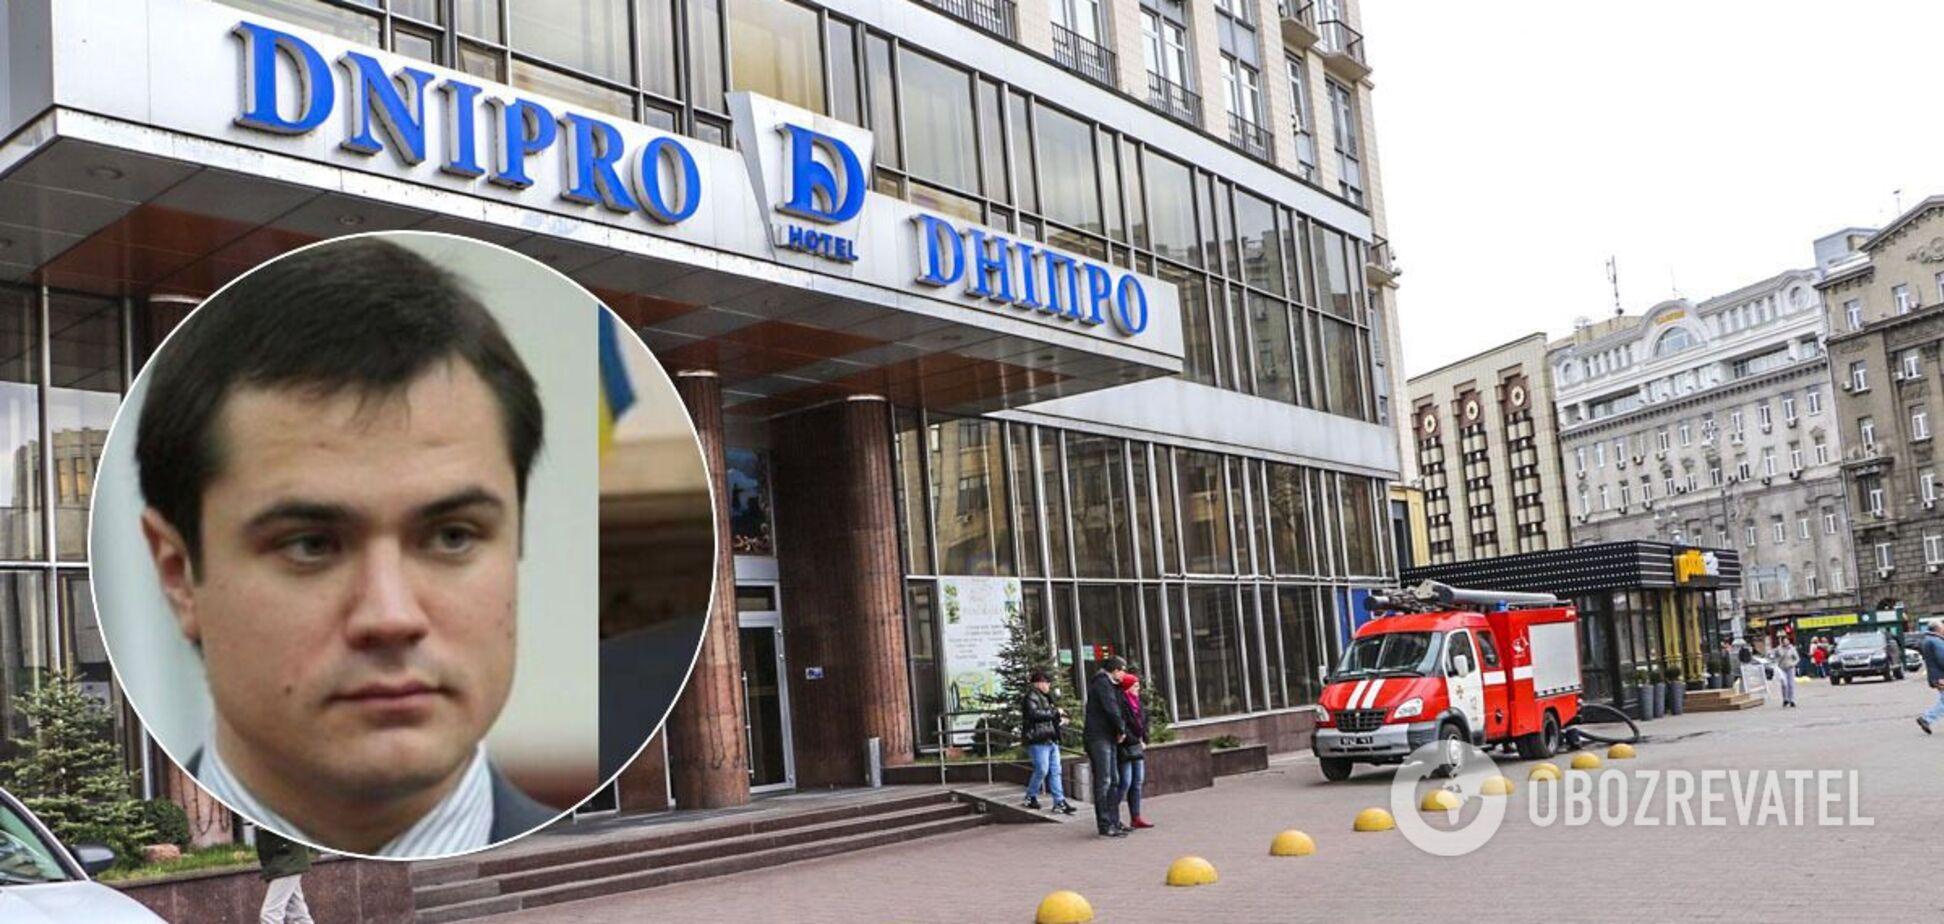 'Смотрящому' за Києвом Комарницькому відписали частку в готелі 'Дніпро' – ЗМІ